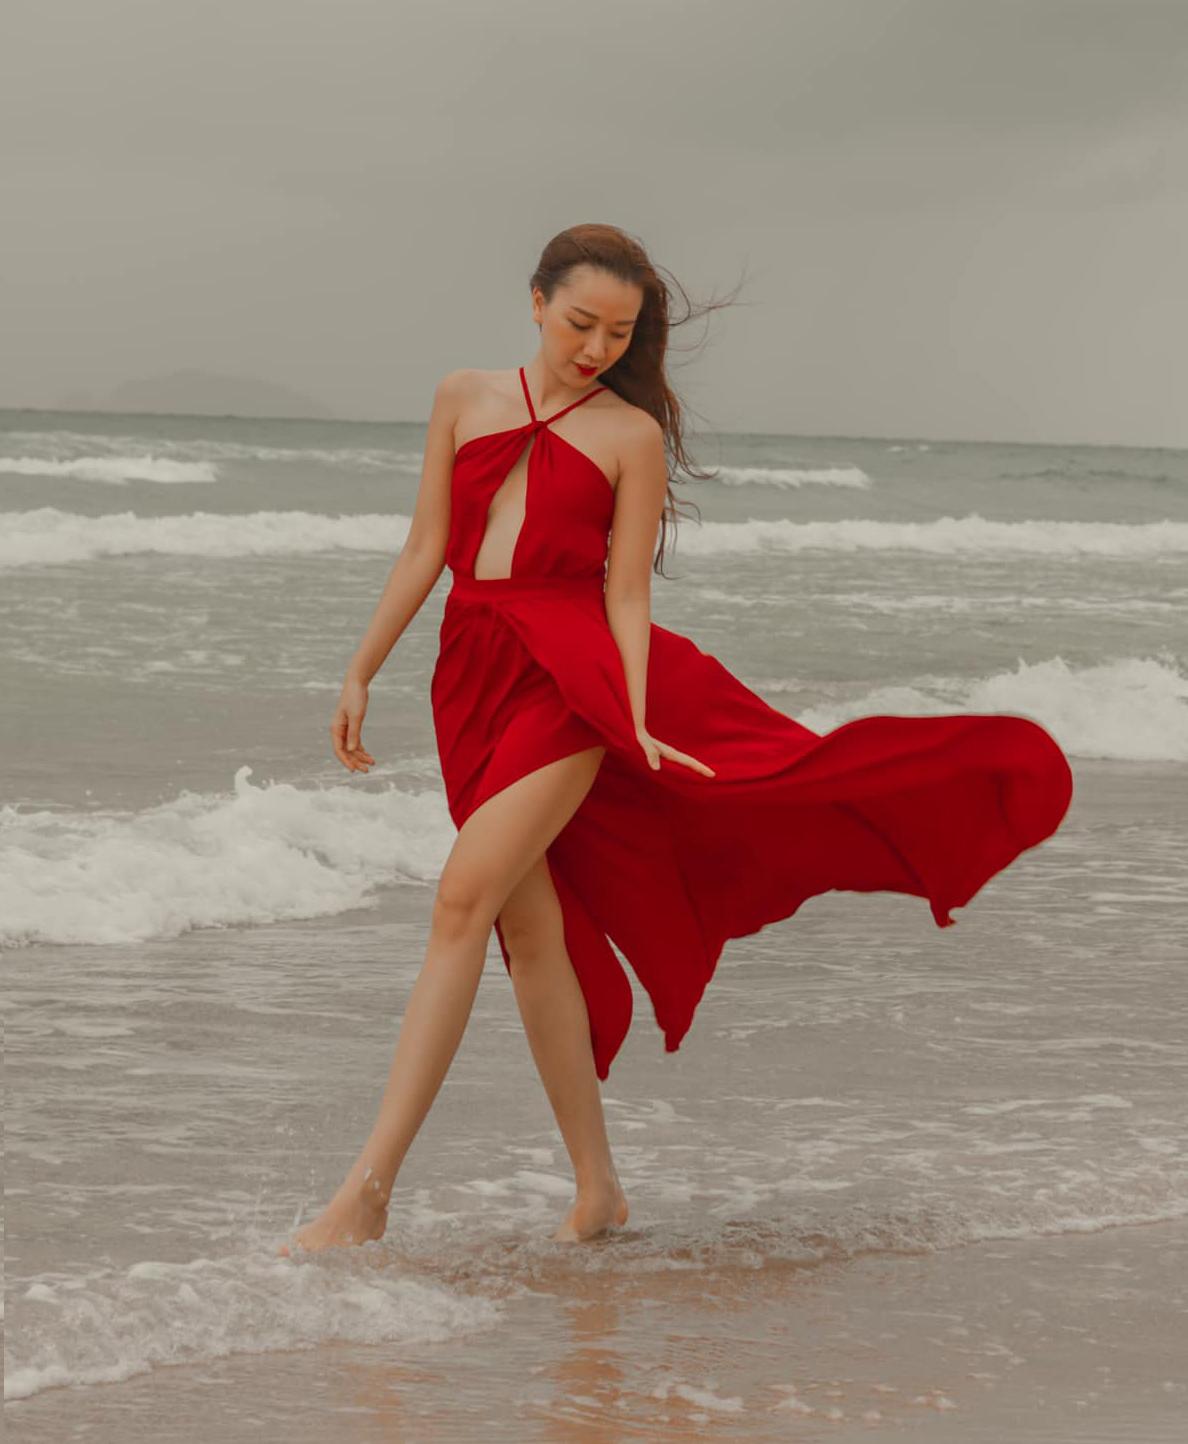 Chiếc váy đỏ bay bổng, cắt khoét sexy giúp Băng Di khoe vóc dáng.